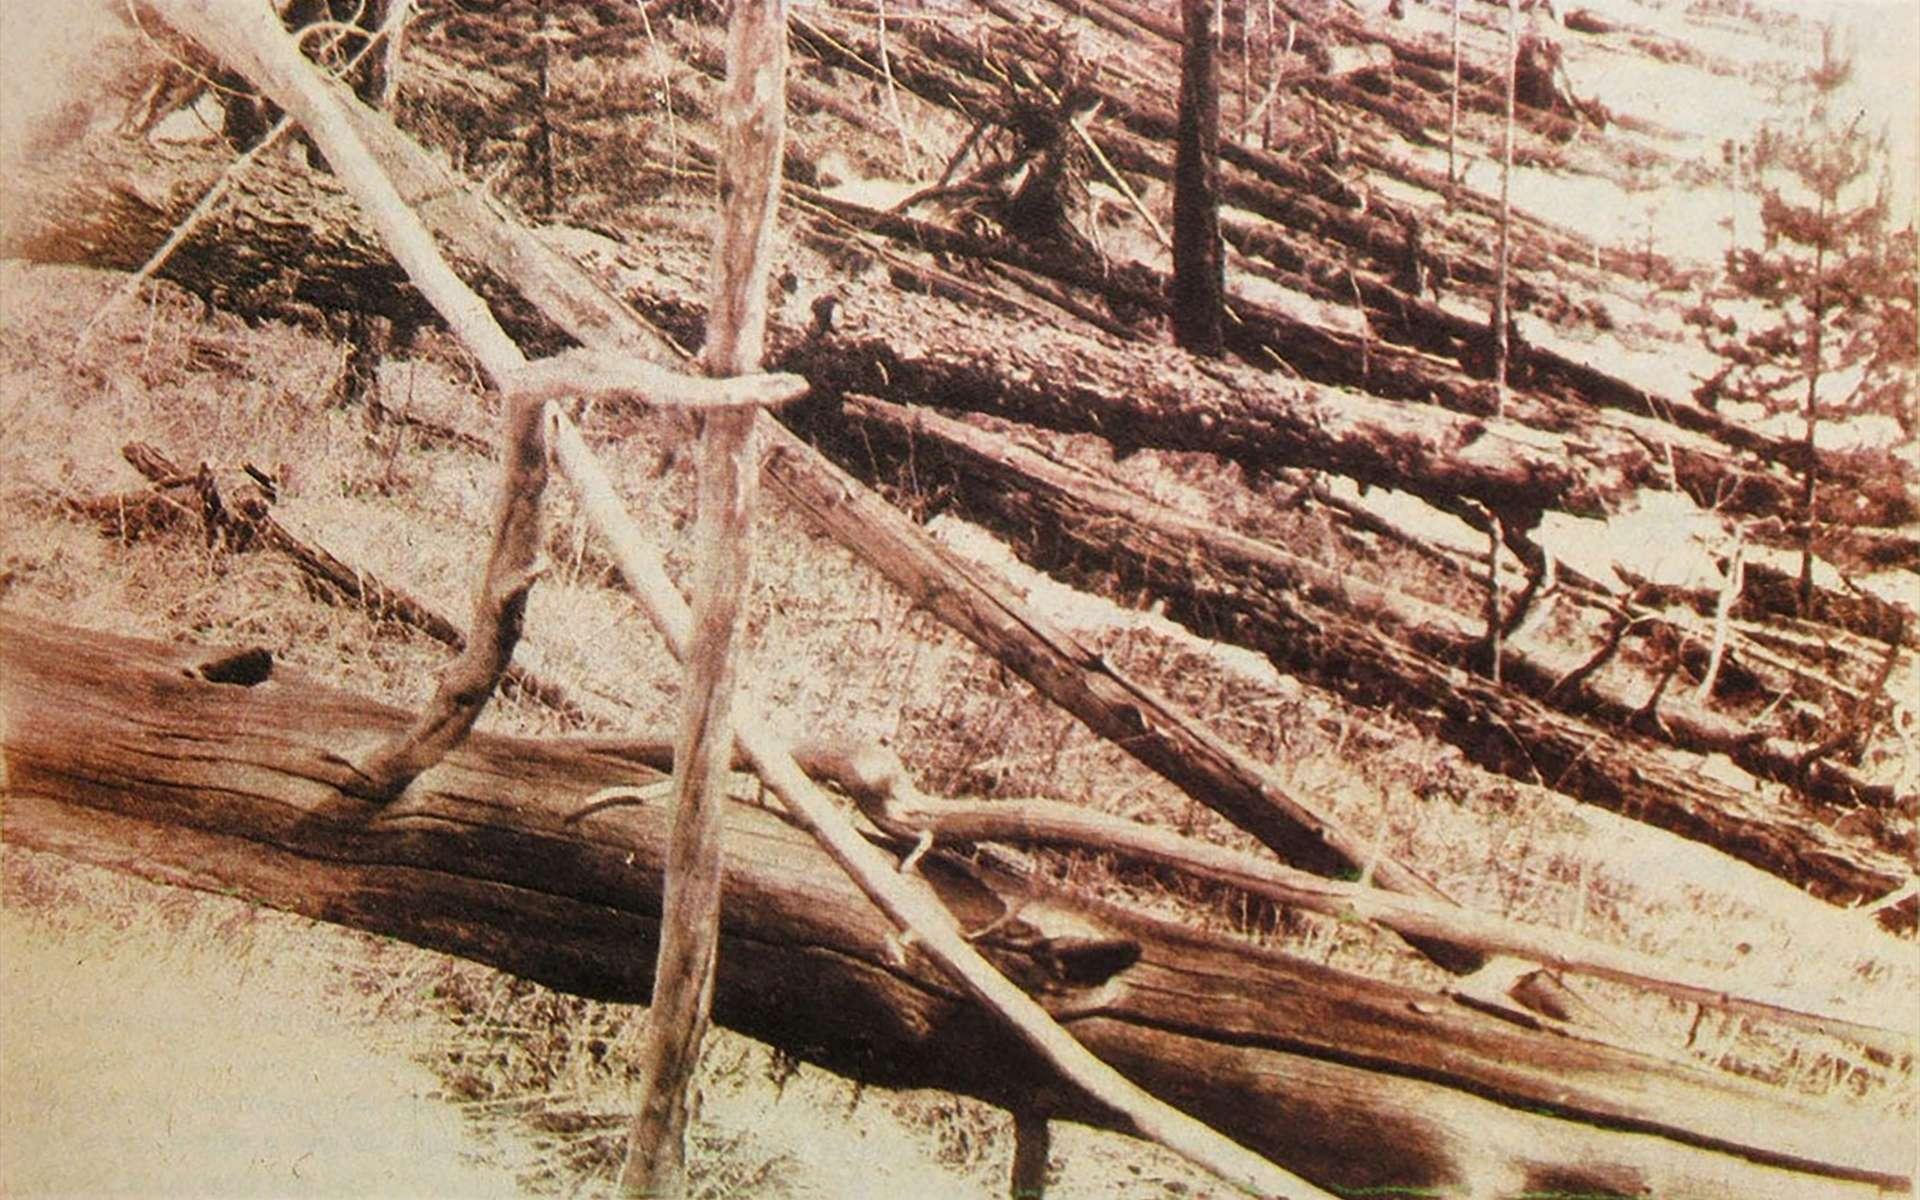 On estime que 60 millions d'arbres sont tombés à cause du souffle de l'explosion de la Toungouska. La photo a été prise en mai 1929, soit 21 ans après l'explosion. © Leonid Kulik, DP